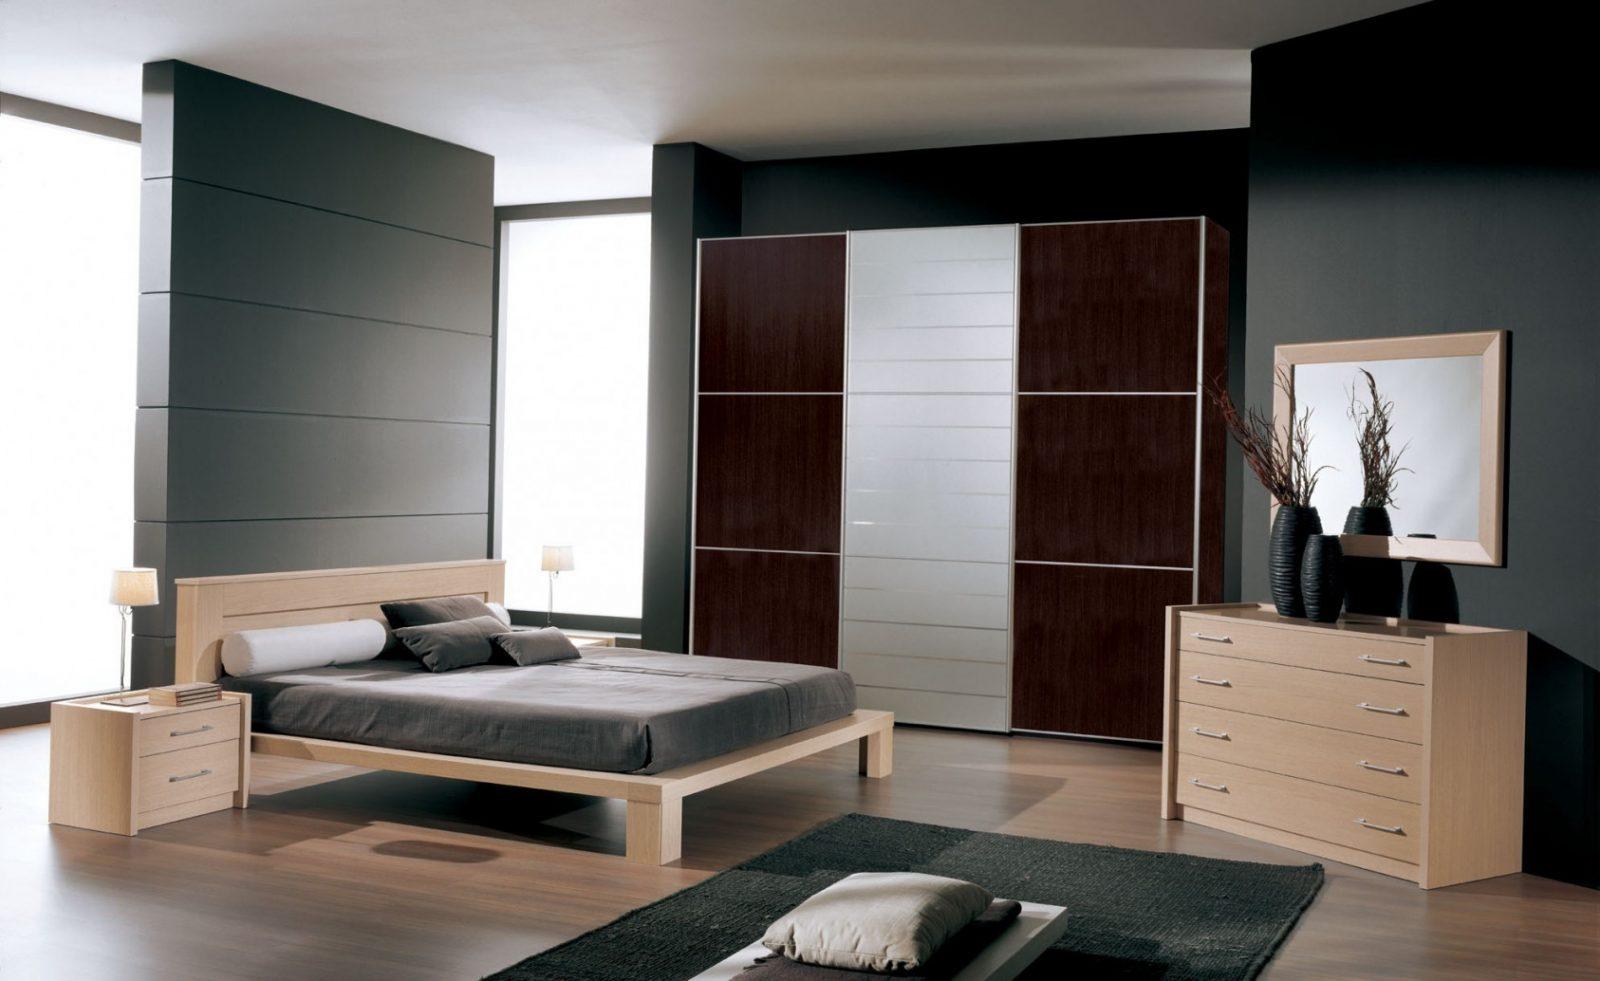 Schlafzimmer Günstige Schlafzimmer Design Reizvoll von Schlafzimmer Schrank Ideen Bild